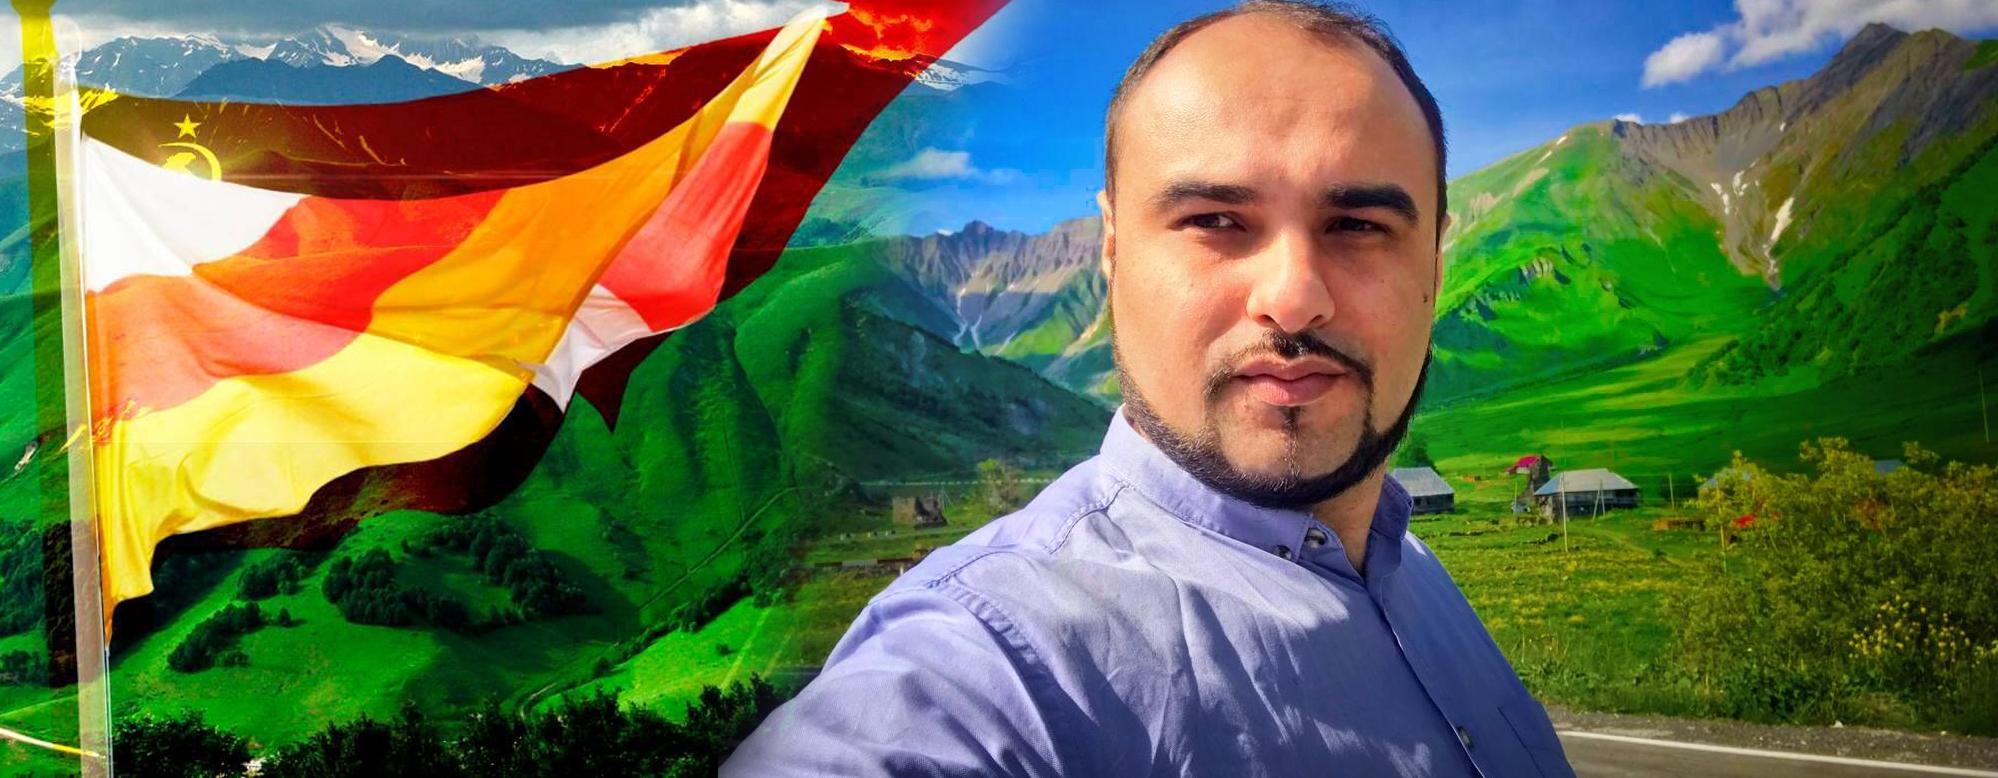 Южная Осетия это сказка! | Иностранные журналисты в Южной Осетии |  Хаял Муаззин | Иранский журналист и продюсер |